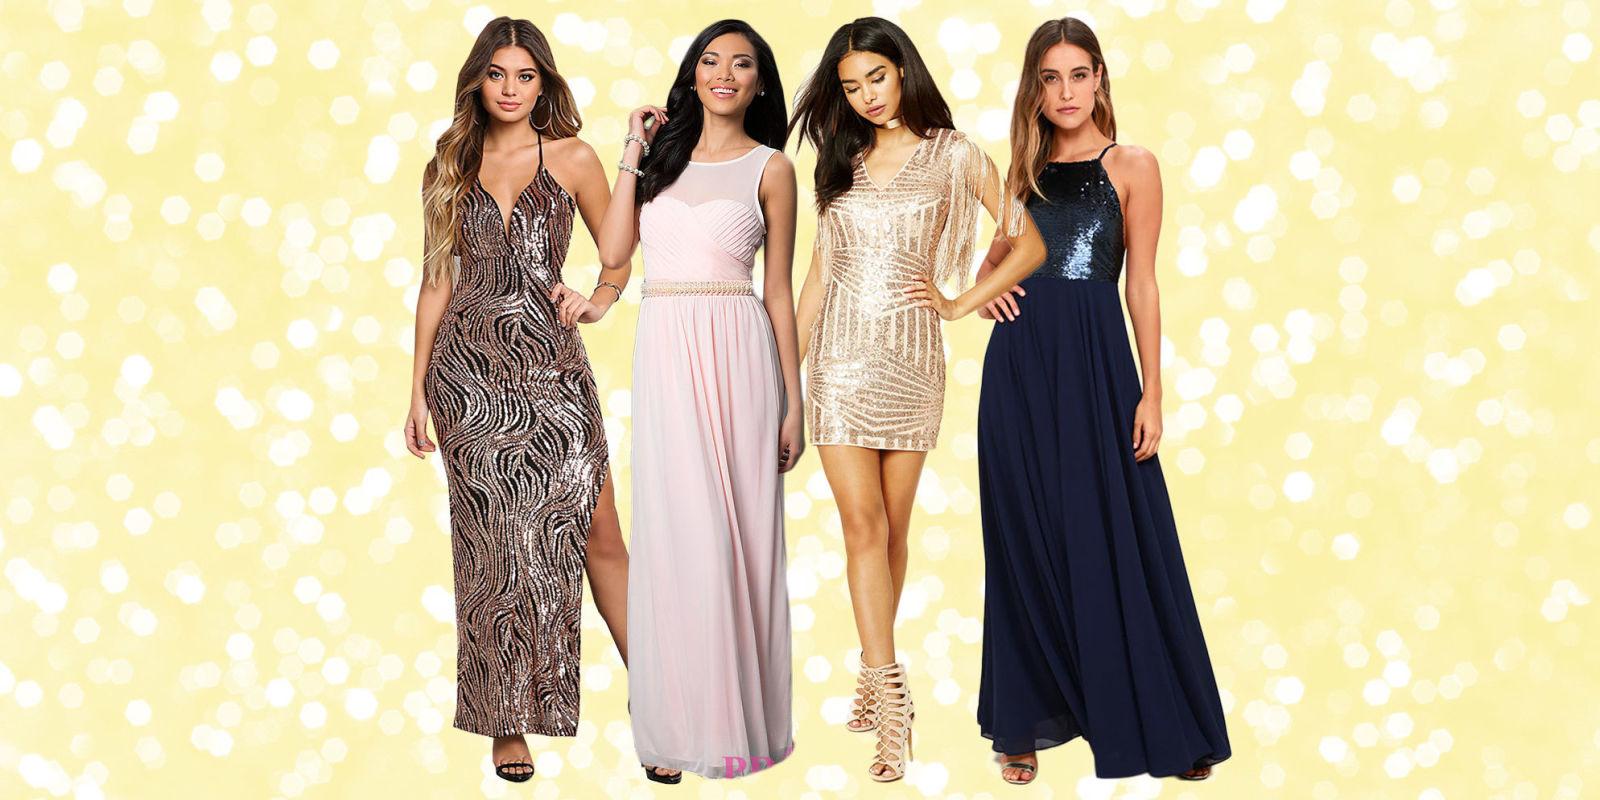 Ausgezeichnet Prom Kleider In Dallas Texas Fotos - Hochzeit Kleid ...